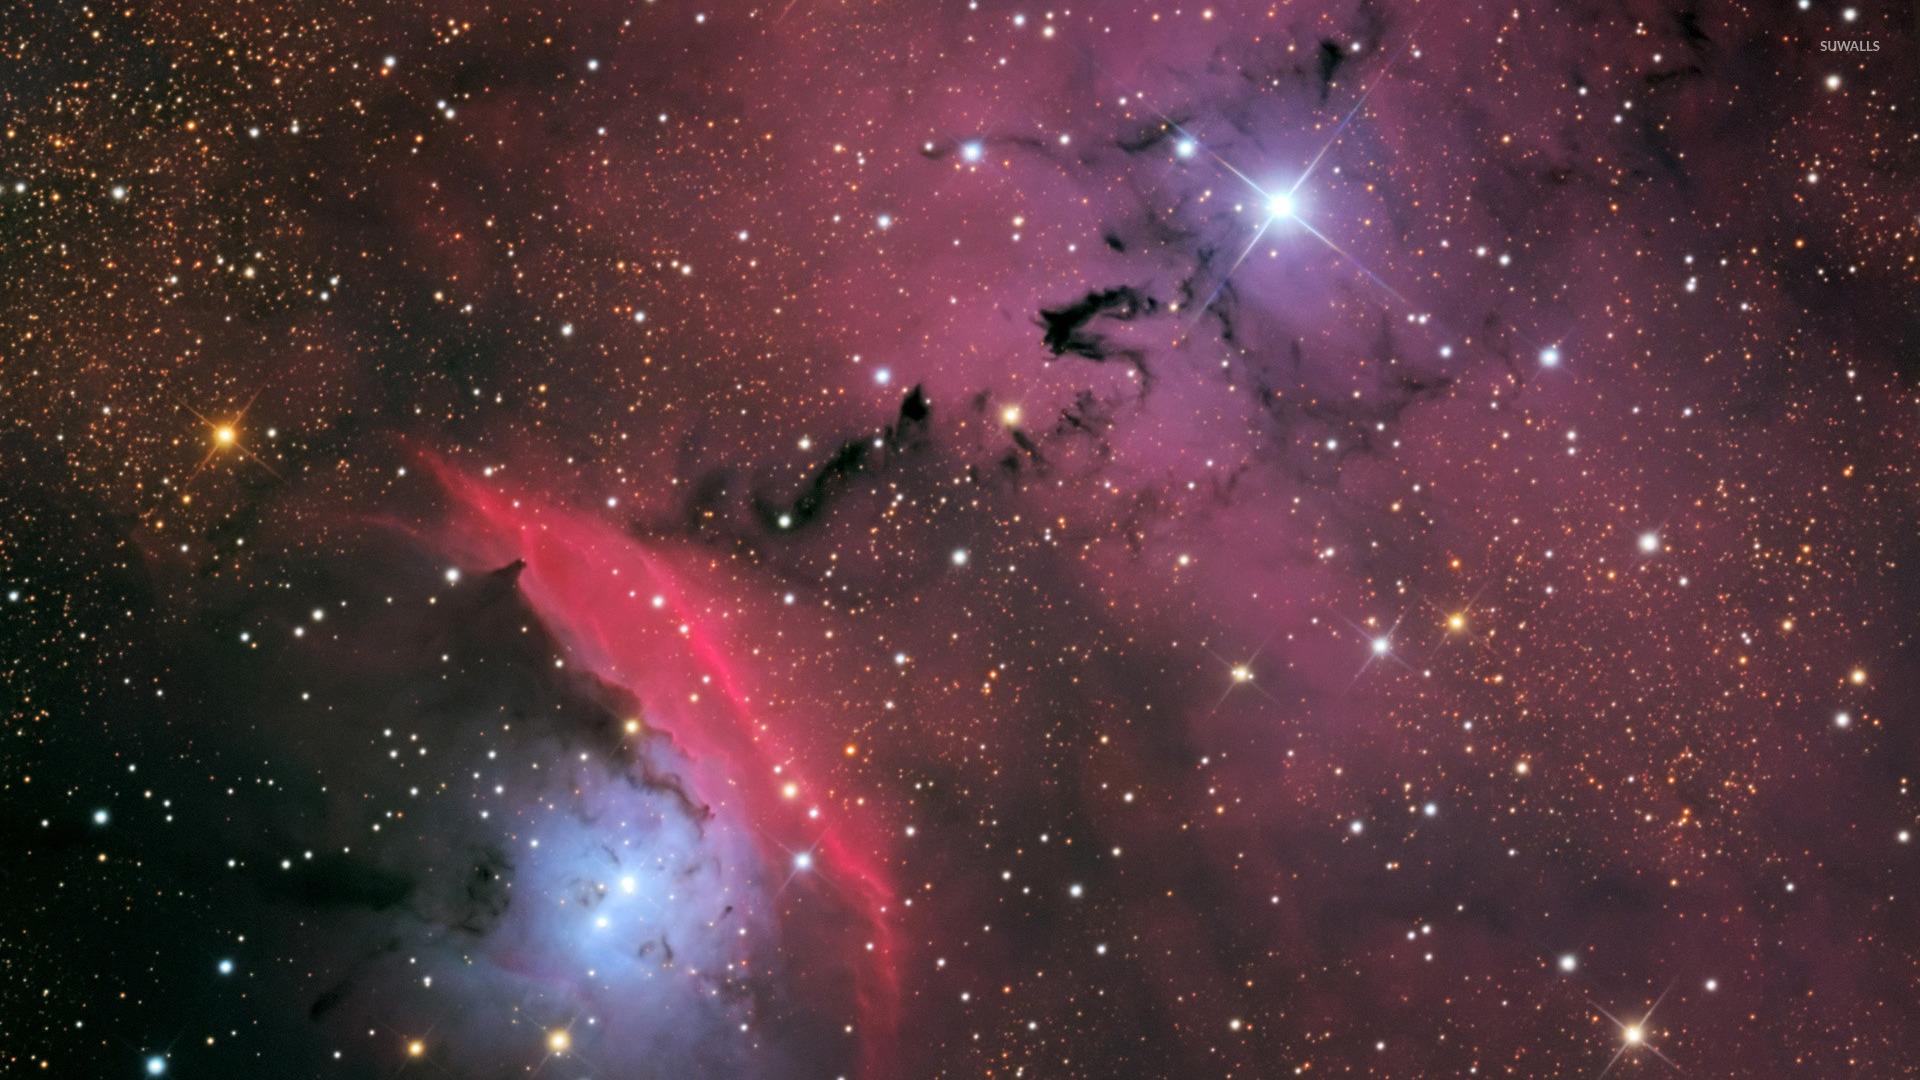 nebula 1920x1080 - photo #21